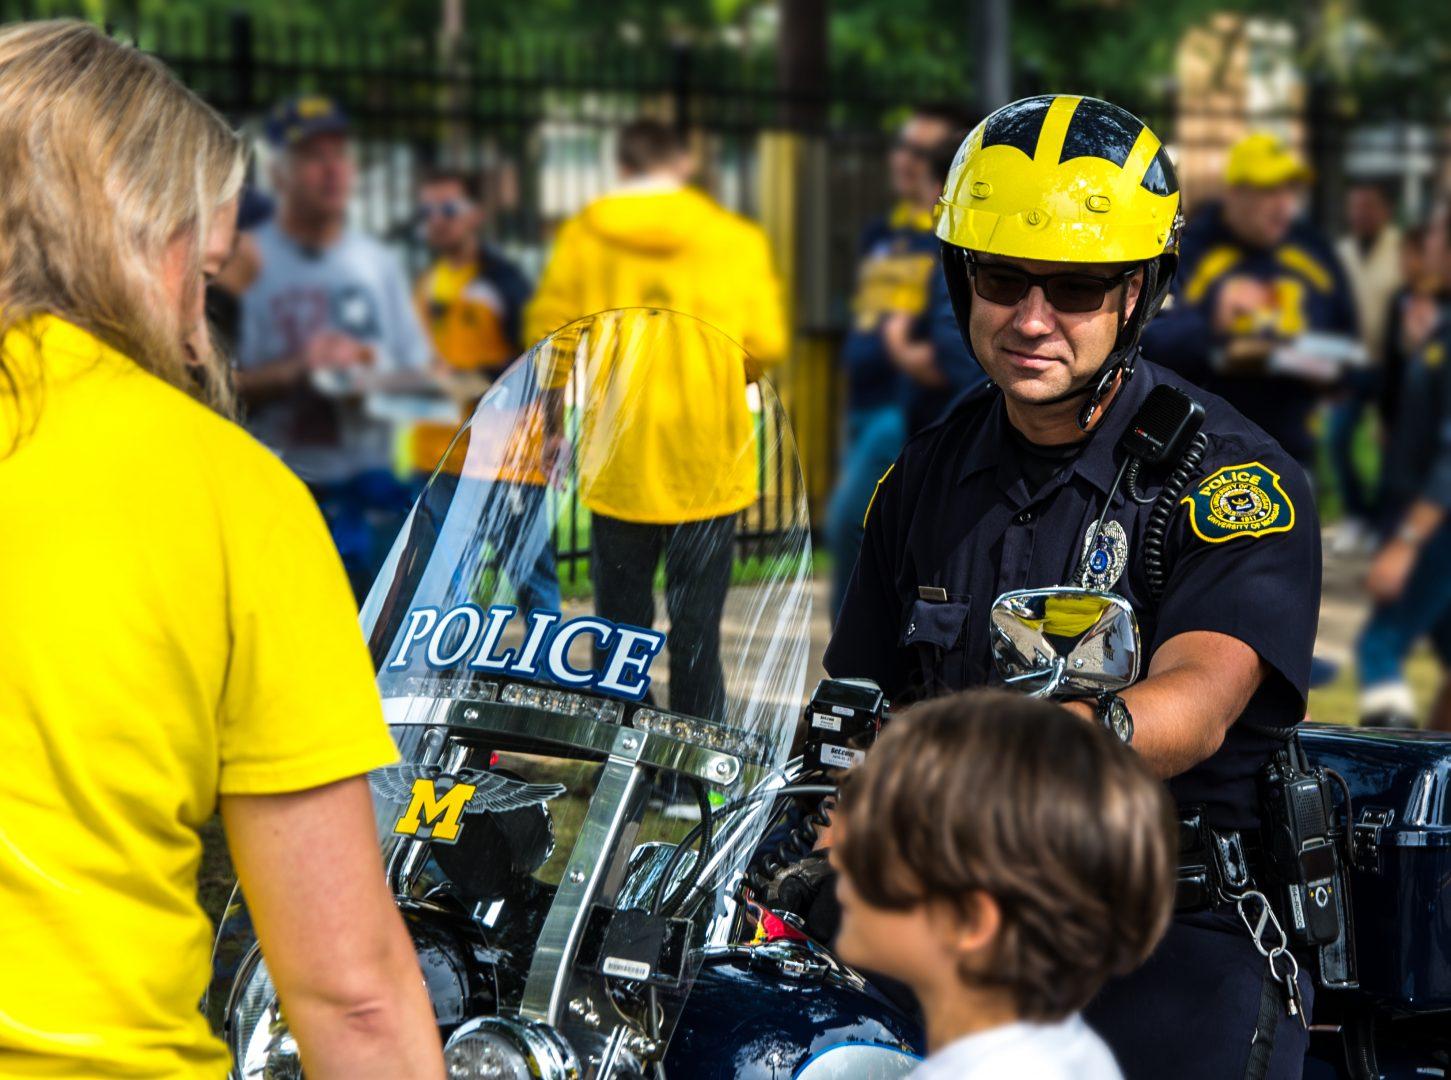 Officer Anthony Ricco